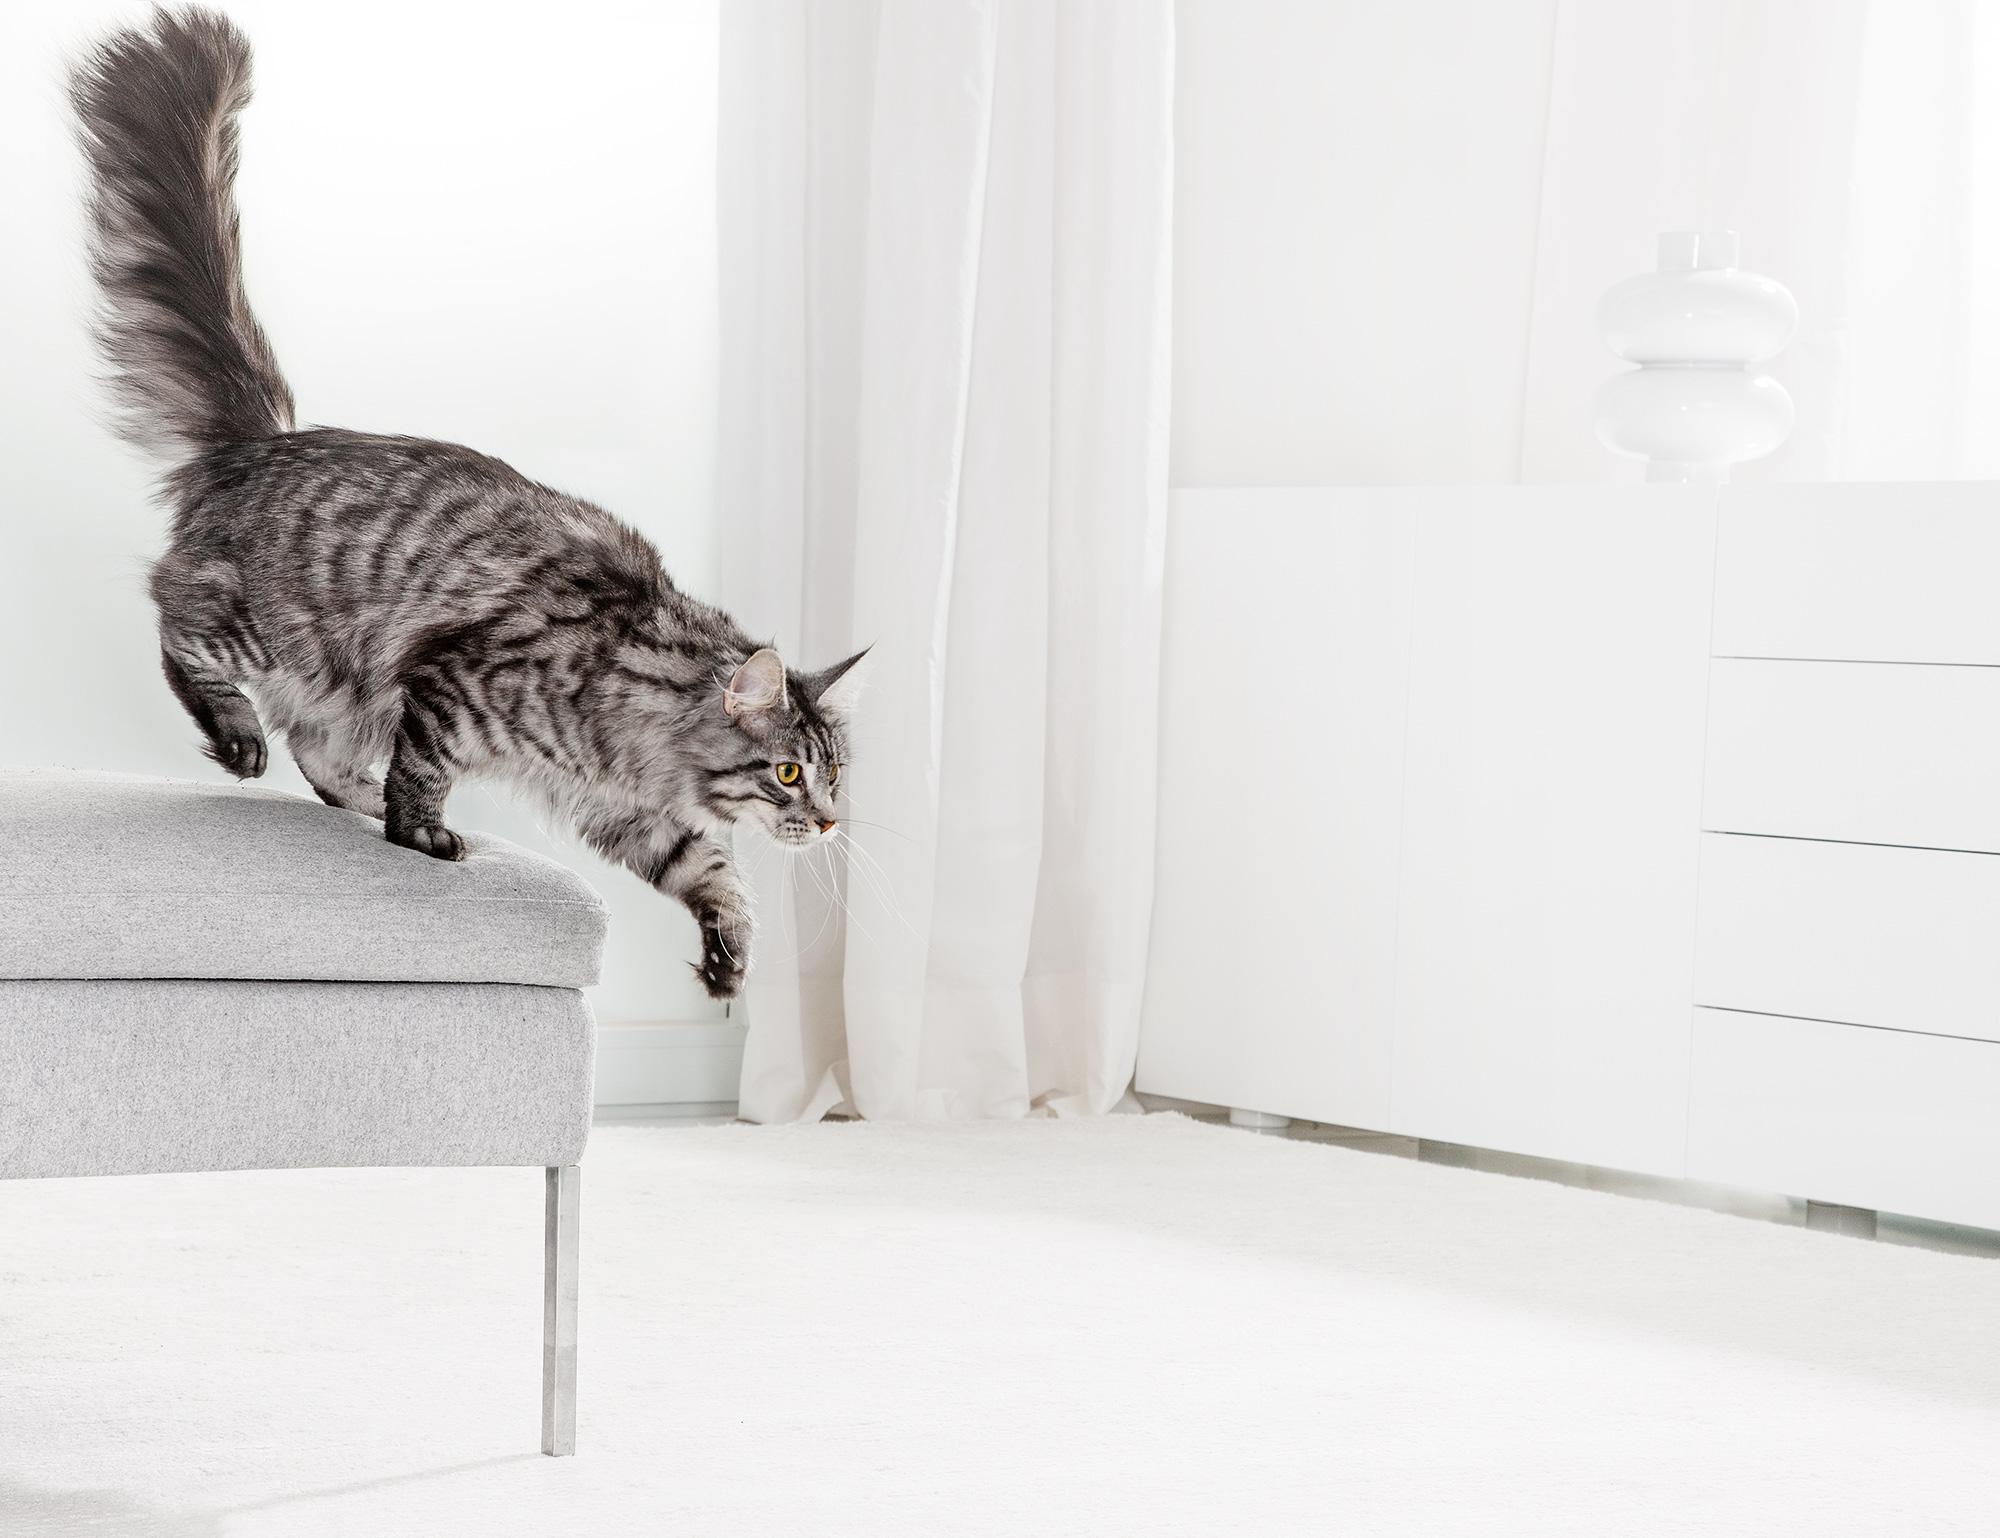 Cat jumping animal lifetsyle shot